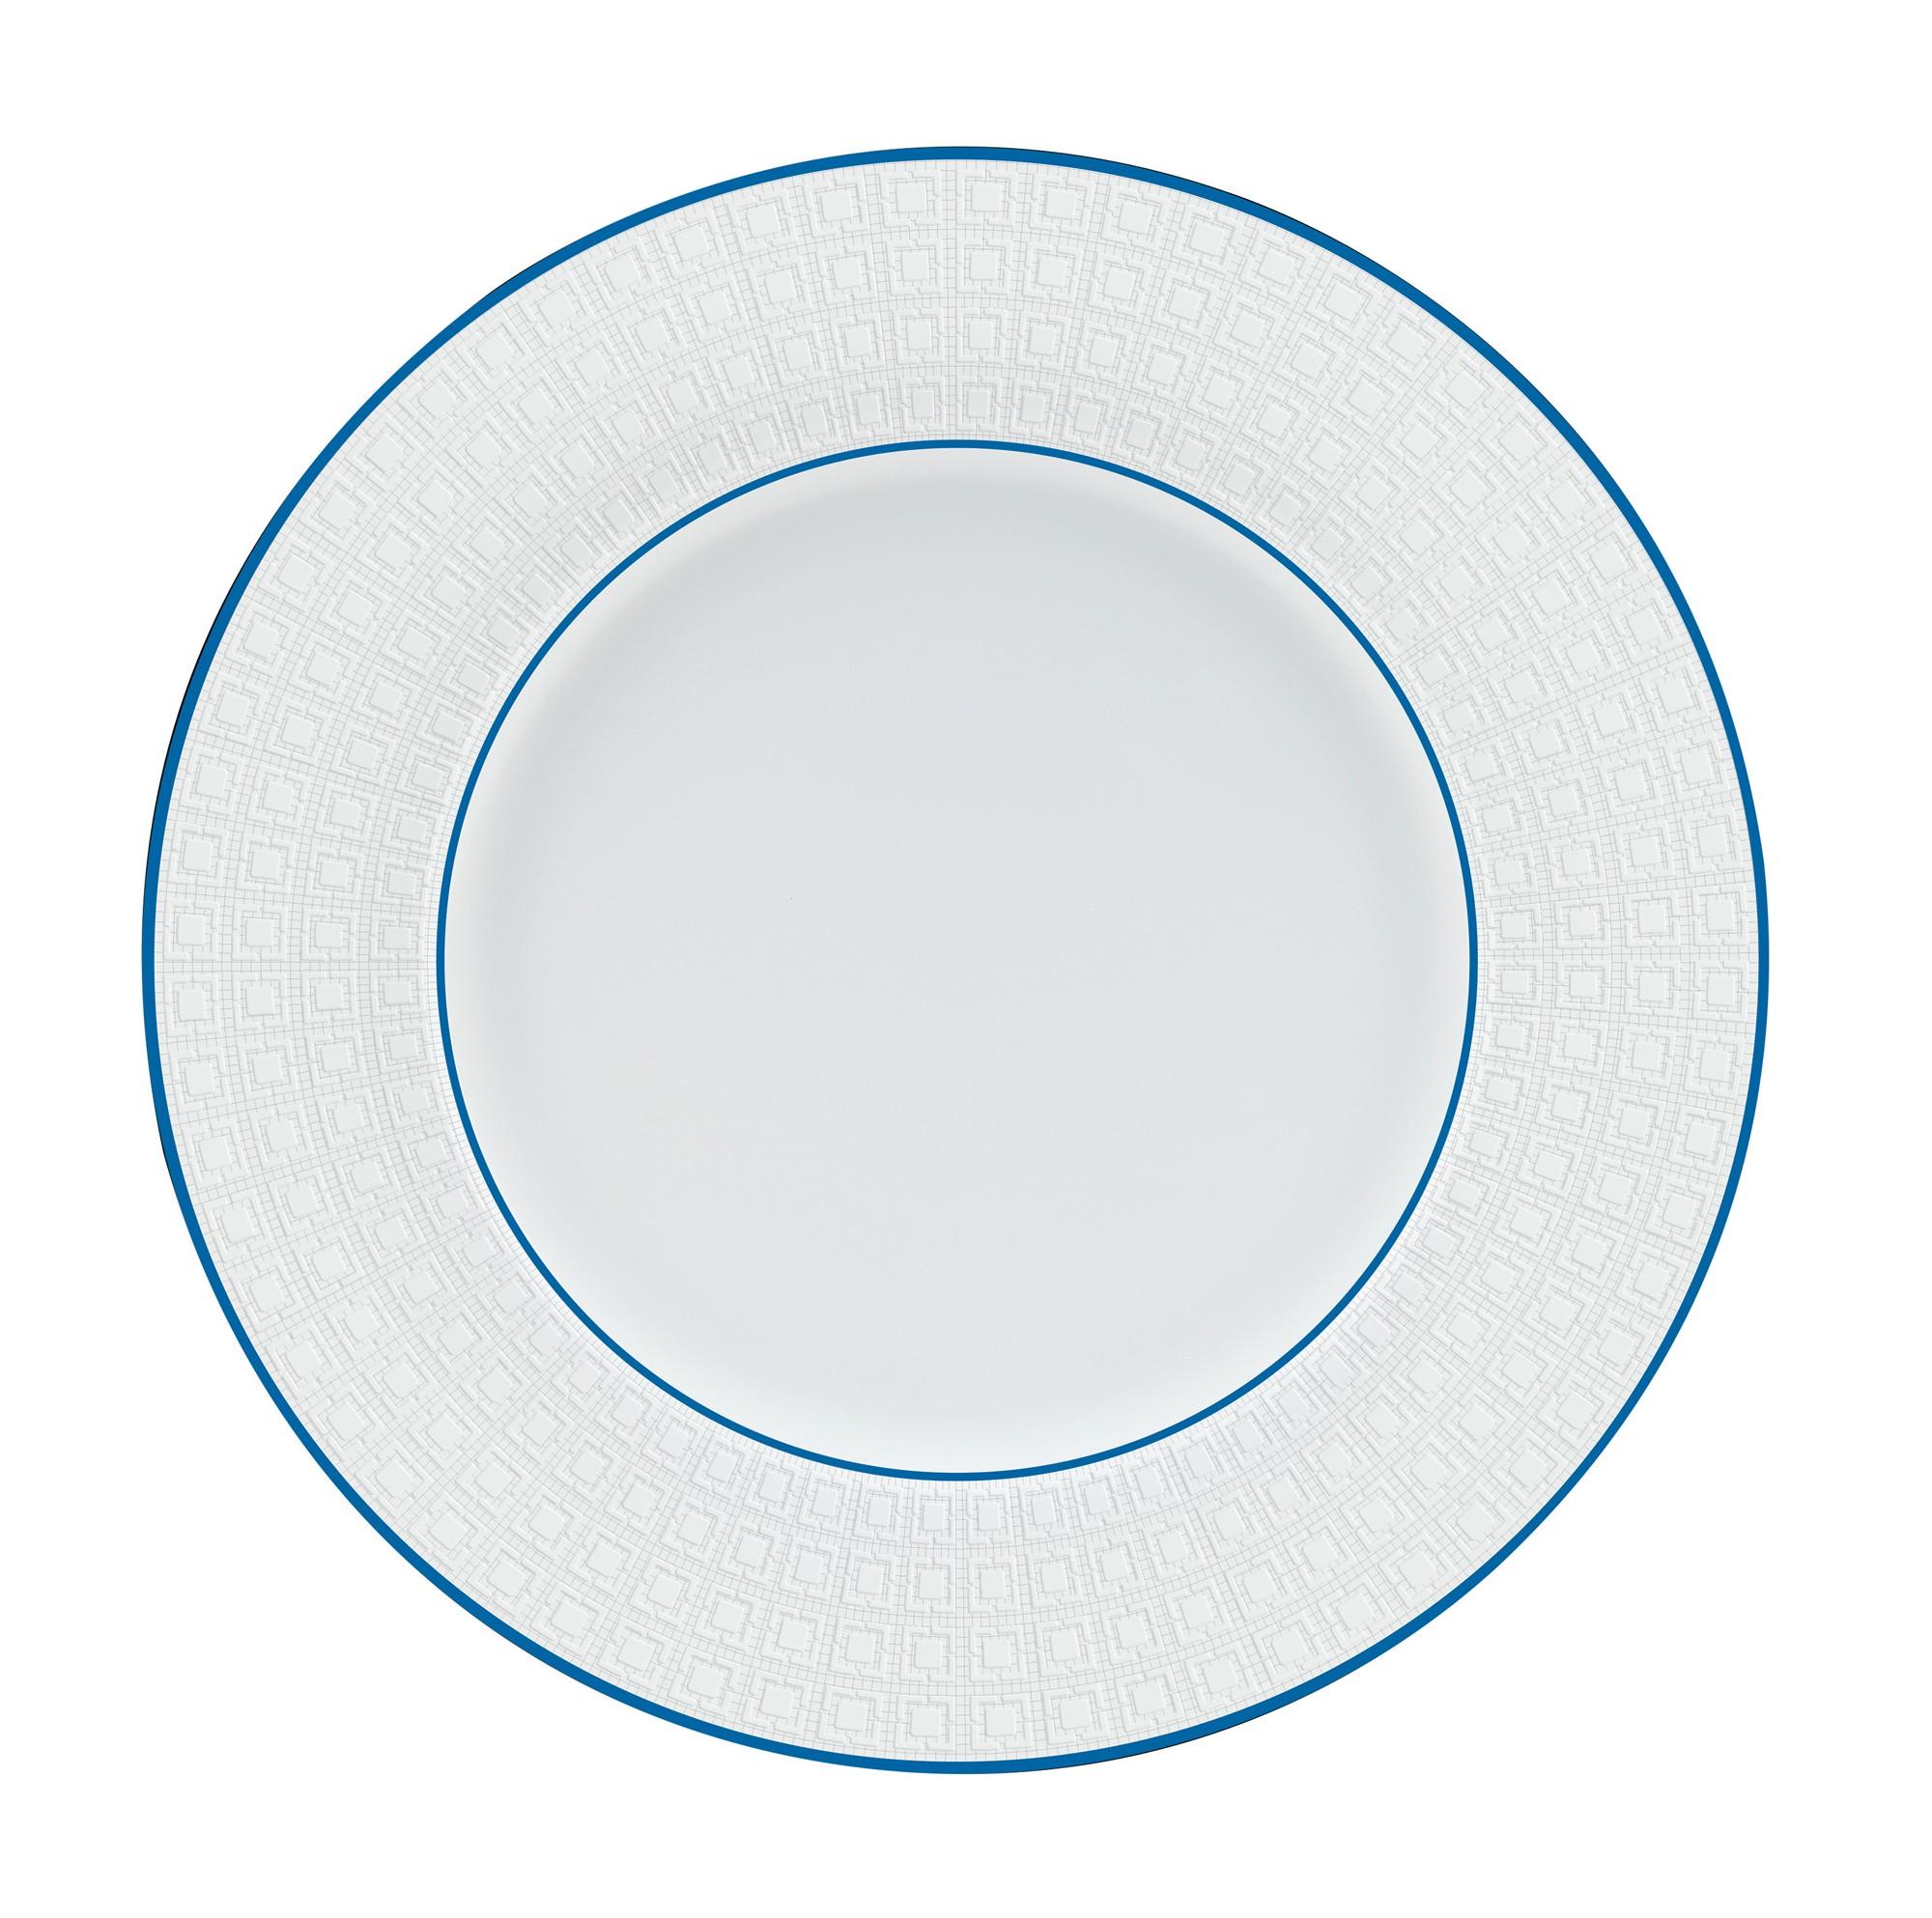 Πιάτο Ρηχό Σετ 6τμχ Favola 27cm Versace 1969 home   ειδη σερβιρισματος   πιάτα